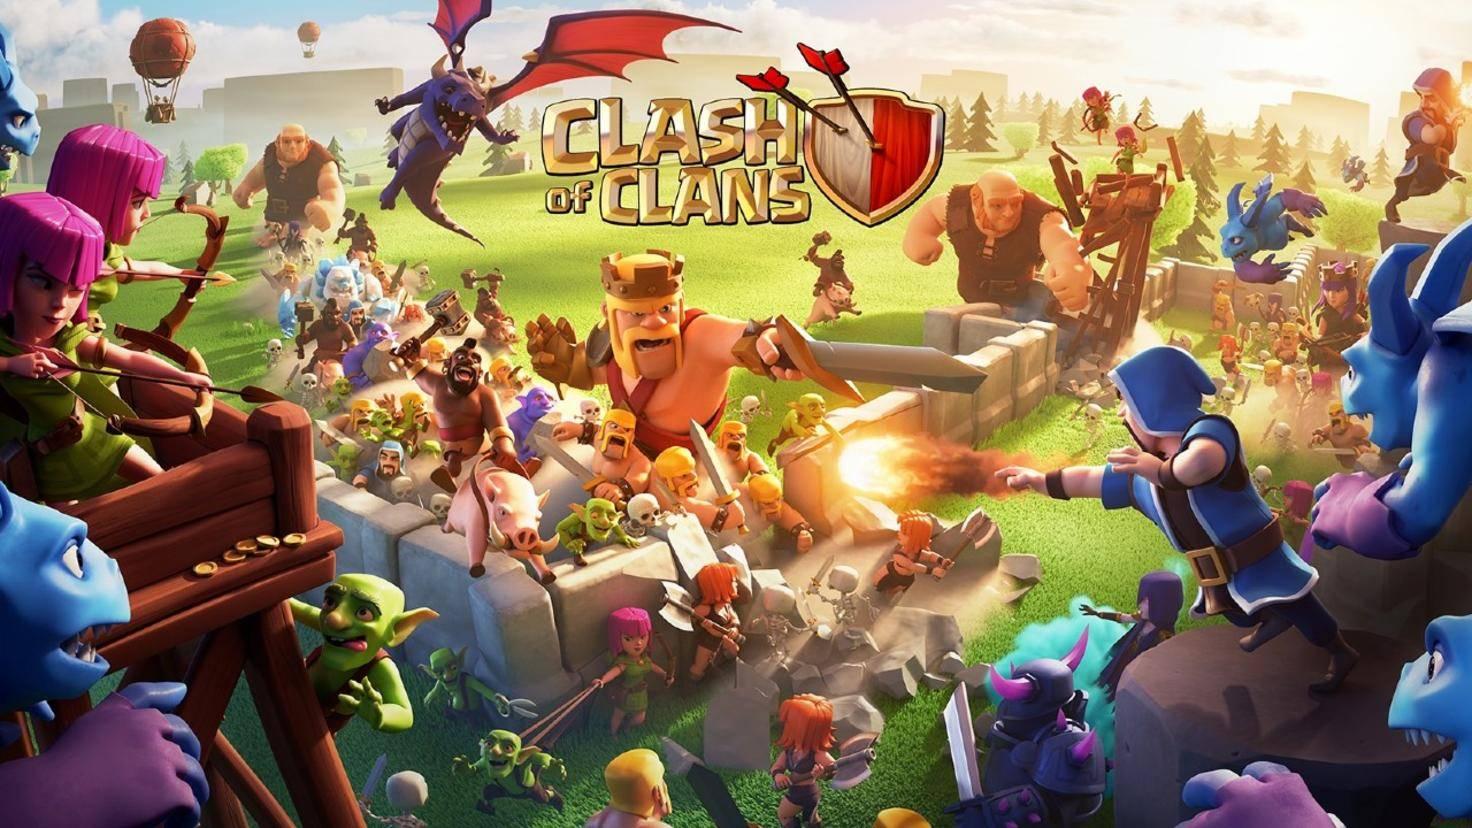 clash-of-clans-artwork-2